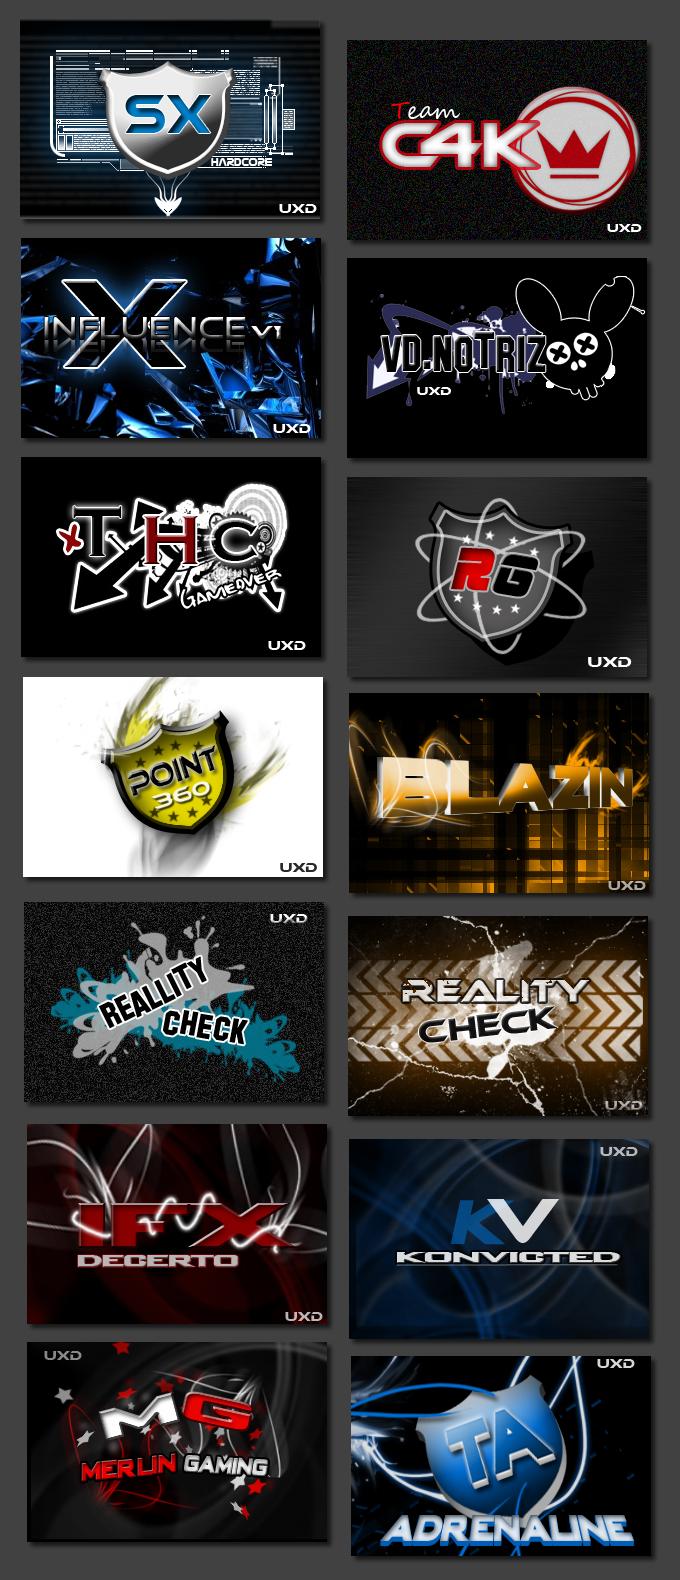 Mlg Clan Logos Gamebattles Clan Logos